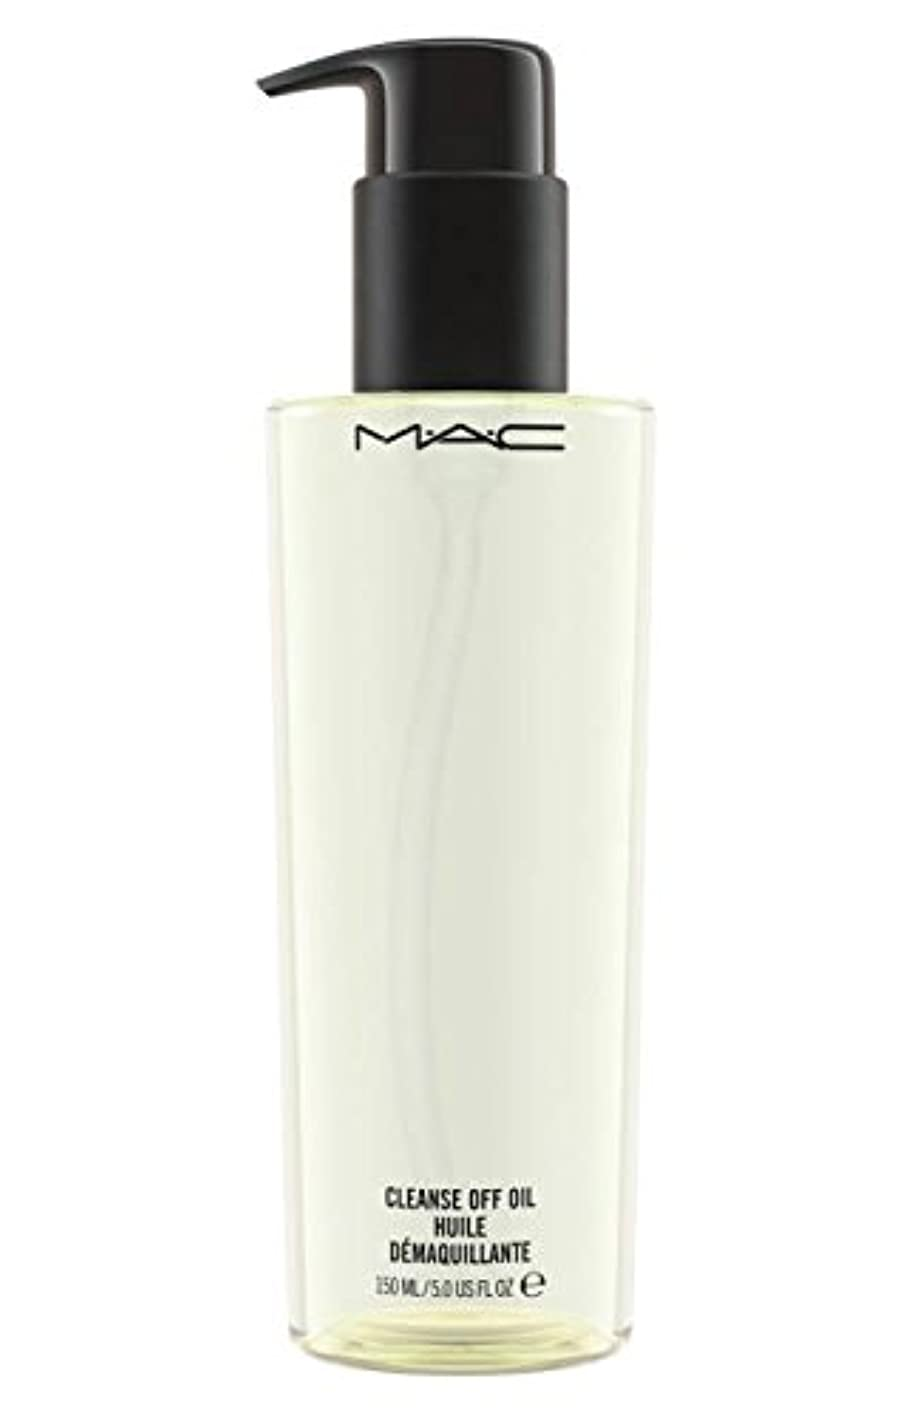 マック MAC クレンズ オフ オイル 150mL